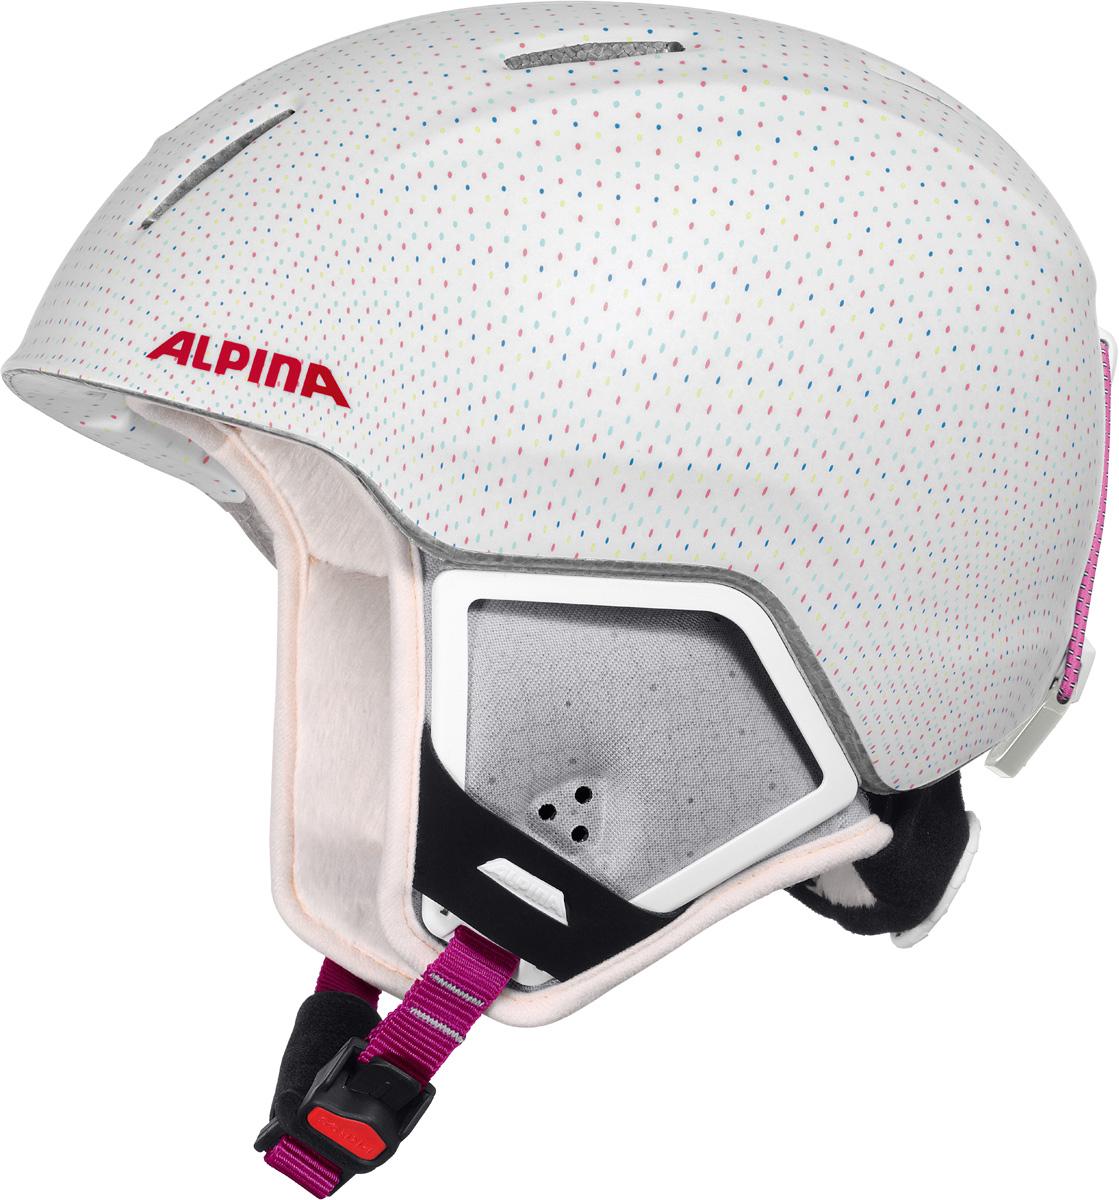 Шлем горнолыжный детский Alpina Carat XT, цвет: белый. A9080_11. Размер 54-58A9080_11Модификация популярнейшего детского горнолыжного шлема Carat с мягкими ушками, которые обеспечивают хорошую вентиляцию и не мешают слуху.Вентиляционные отверстия препятствуют перегреву и позволяют поддерживать идеальную температуру внутри шлема. Для этого инженеры Alpina используют эффект Вентури, чтобы сделать циркуляцию воздуха постоянной и максимально эффективной.Внутренник шлема легко вынимается, стирается, сушится и вставляется обратно.Из задней части шлема можно достать шейный утеплитель из мягкого микро-флиса. Этот теплый воротник также защищает шею от ударов на высокой скорости и при сибирских морозах. В удобной конструкции отсутствуют точки давления на шею.Прочная и легкая конструкция In-mold. Тонкая и прочная поликарбонатная оболочка под воздействием высокой температуры и давления буквально сплавляется с гранулами EPS, которые гасят ударную нагрузку.Внутренная оболочка каждого шлема Alpina состоит из гранул HI-EPS (сильно вспененного полистирола). Микроскопические воздушные карманы эффективно поглощают ударную нагрузку и обеспечивают высокую теплоизоляцию. Эта технология позволяет достичь минимальной толщины оболочки. А так как гранулы HI-EPS не впитывают влагу, их защитный эффект не ослабевает со временем.Удобная и точная система регулировки Run System Ergo Snow позволяет быстро и комфортно подогнать шлем по голове, без создания отдельных точек избыточного давления.Y-образный ремнераспределитель двух ремешков находится под ухом и обеспечивает быструю и точную посадку шлема на голове.Вместо фастекса на ремешке используется красная кнопка с автоматическим запирающим механизмом, которую легко использовать даже в лыжных перчатках. Механизм защищён от произвольного раскрытия при падении.